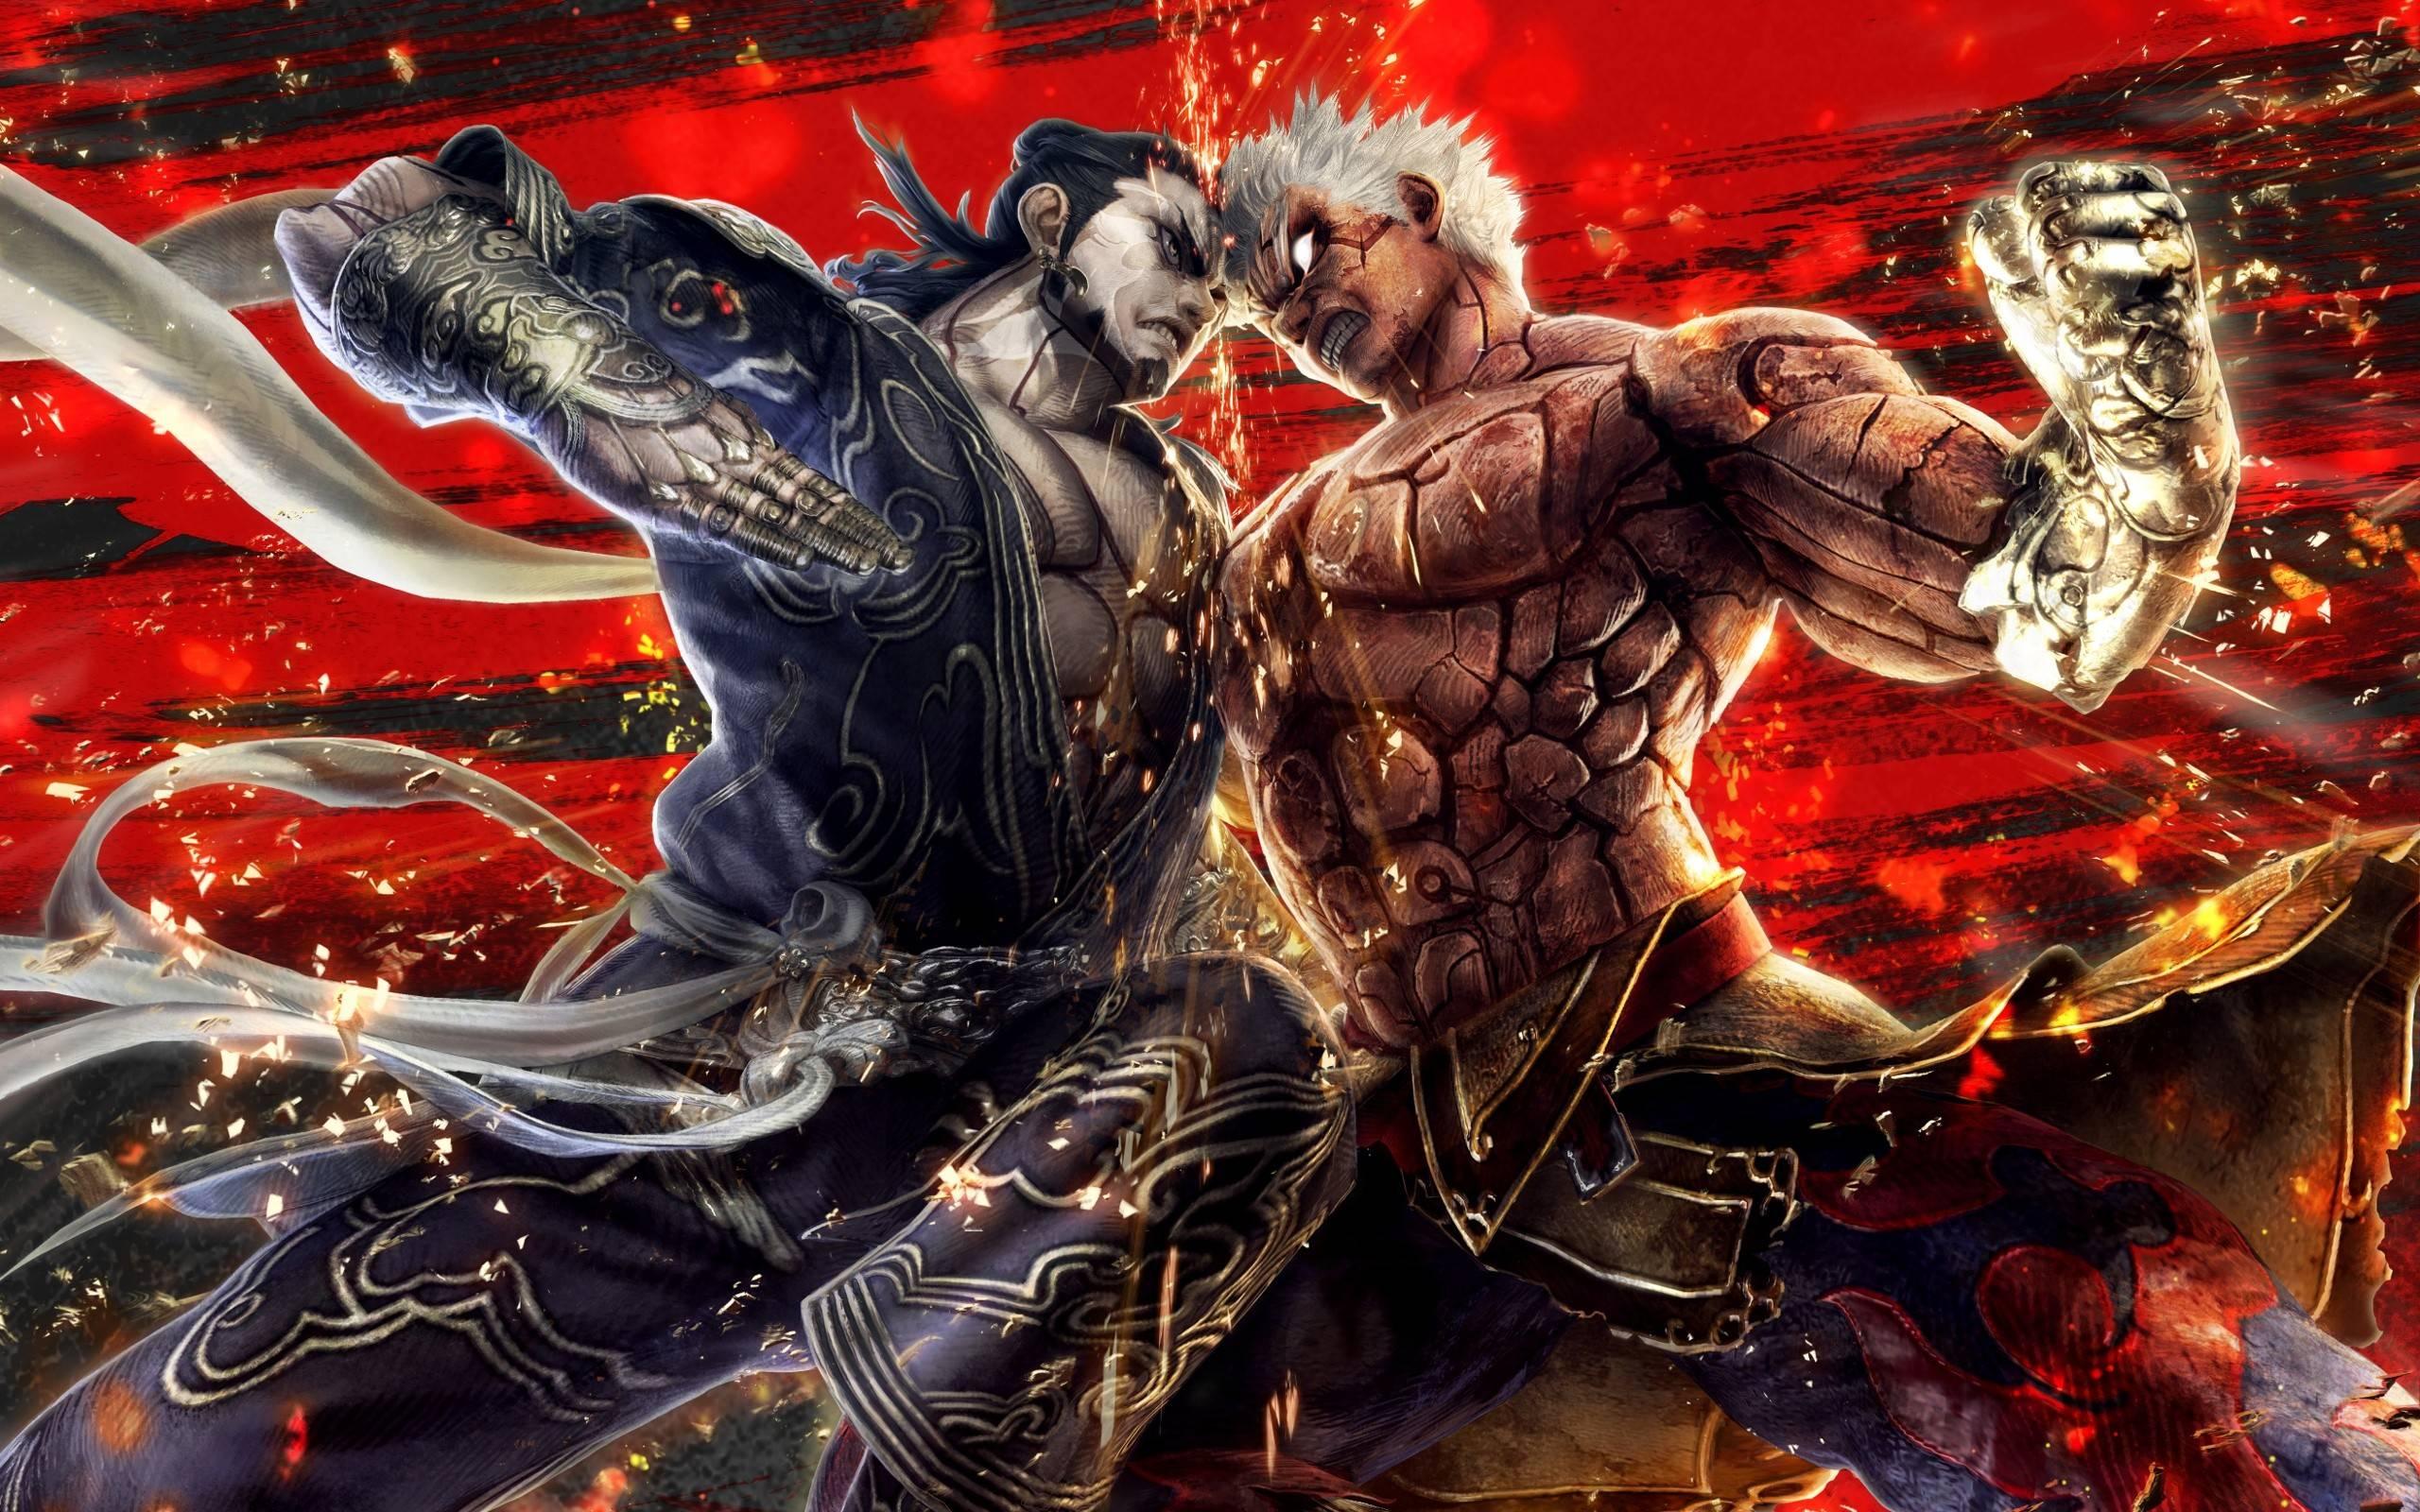 Tekken Wallpapers Top Free Tekken Backgrounds